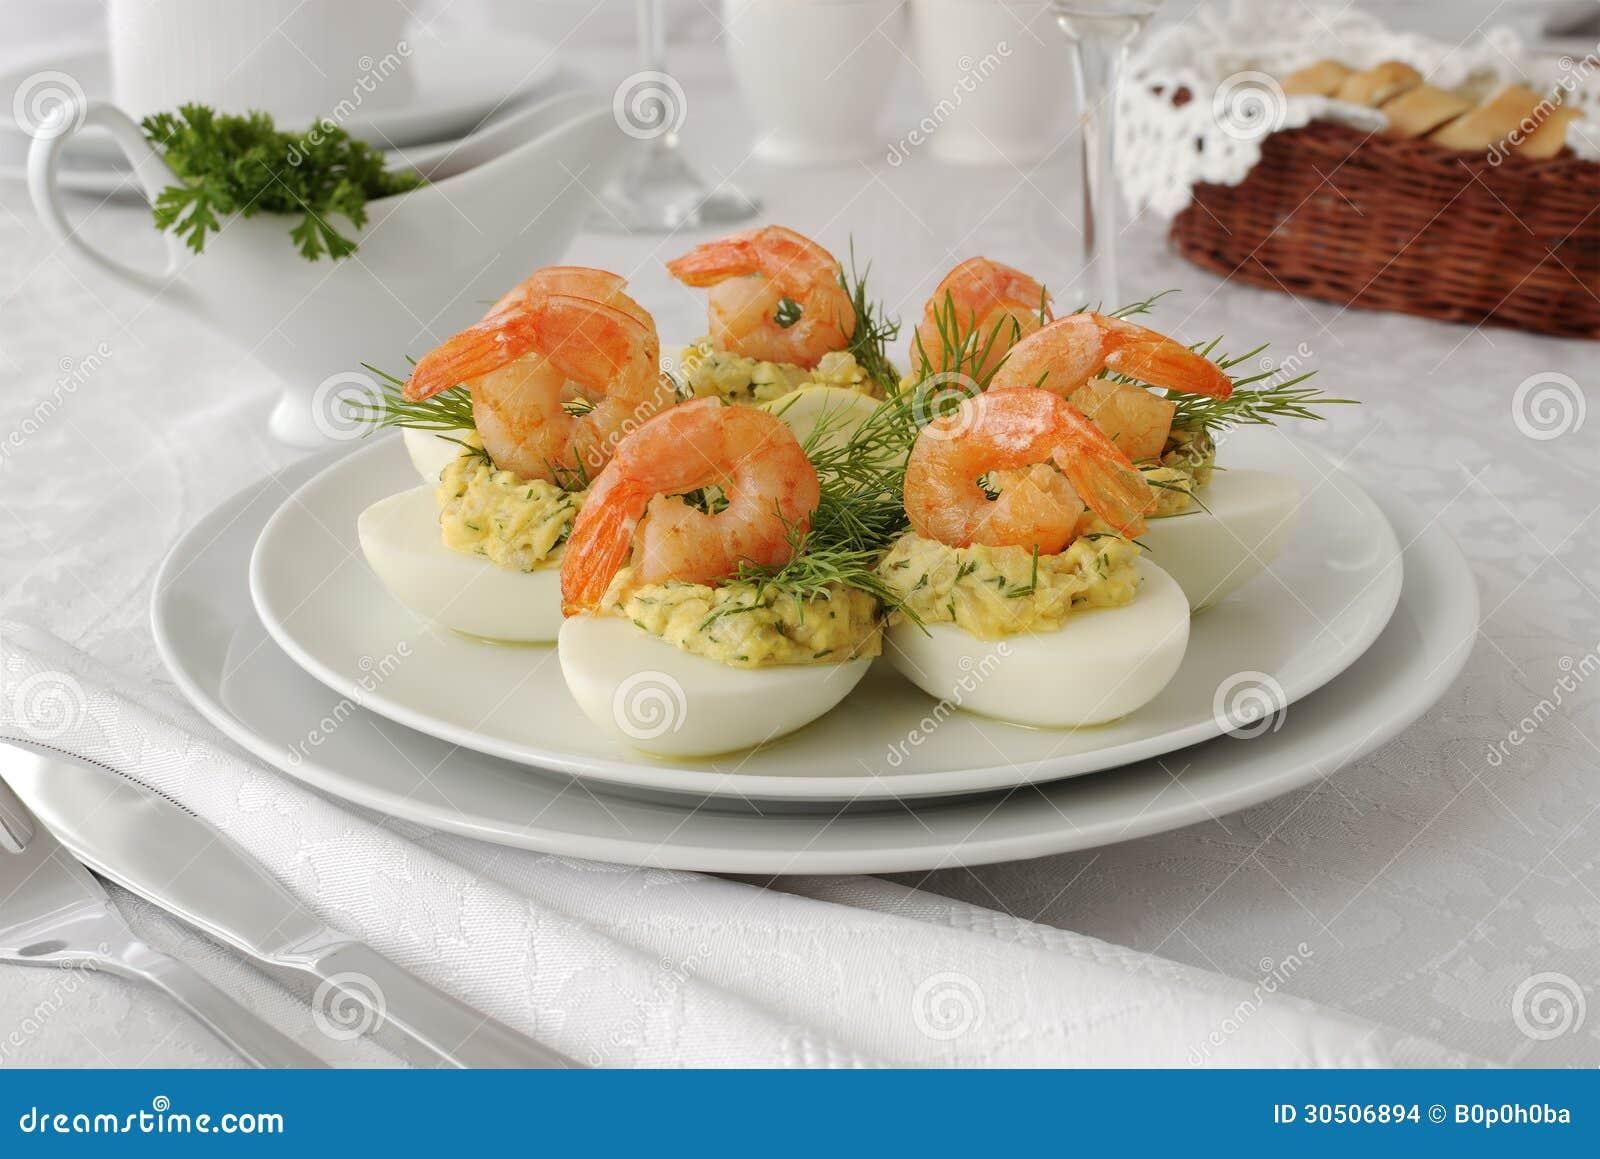 Eieren met kruidige garnalen worden gevuld die